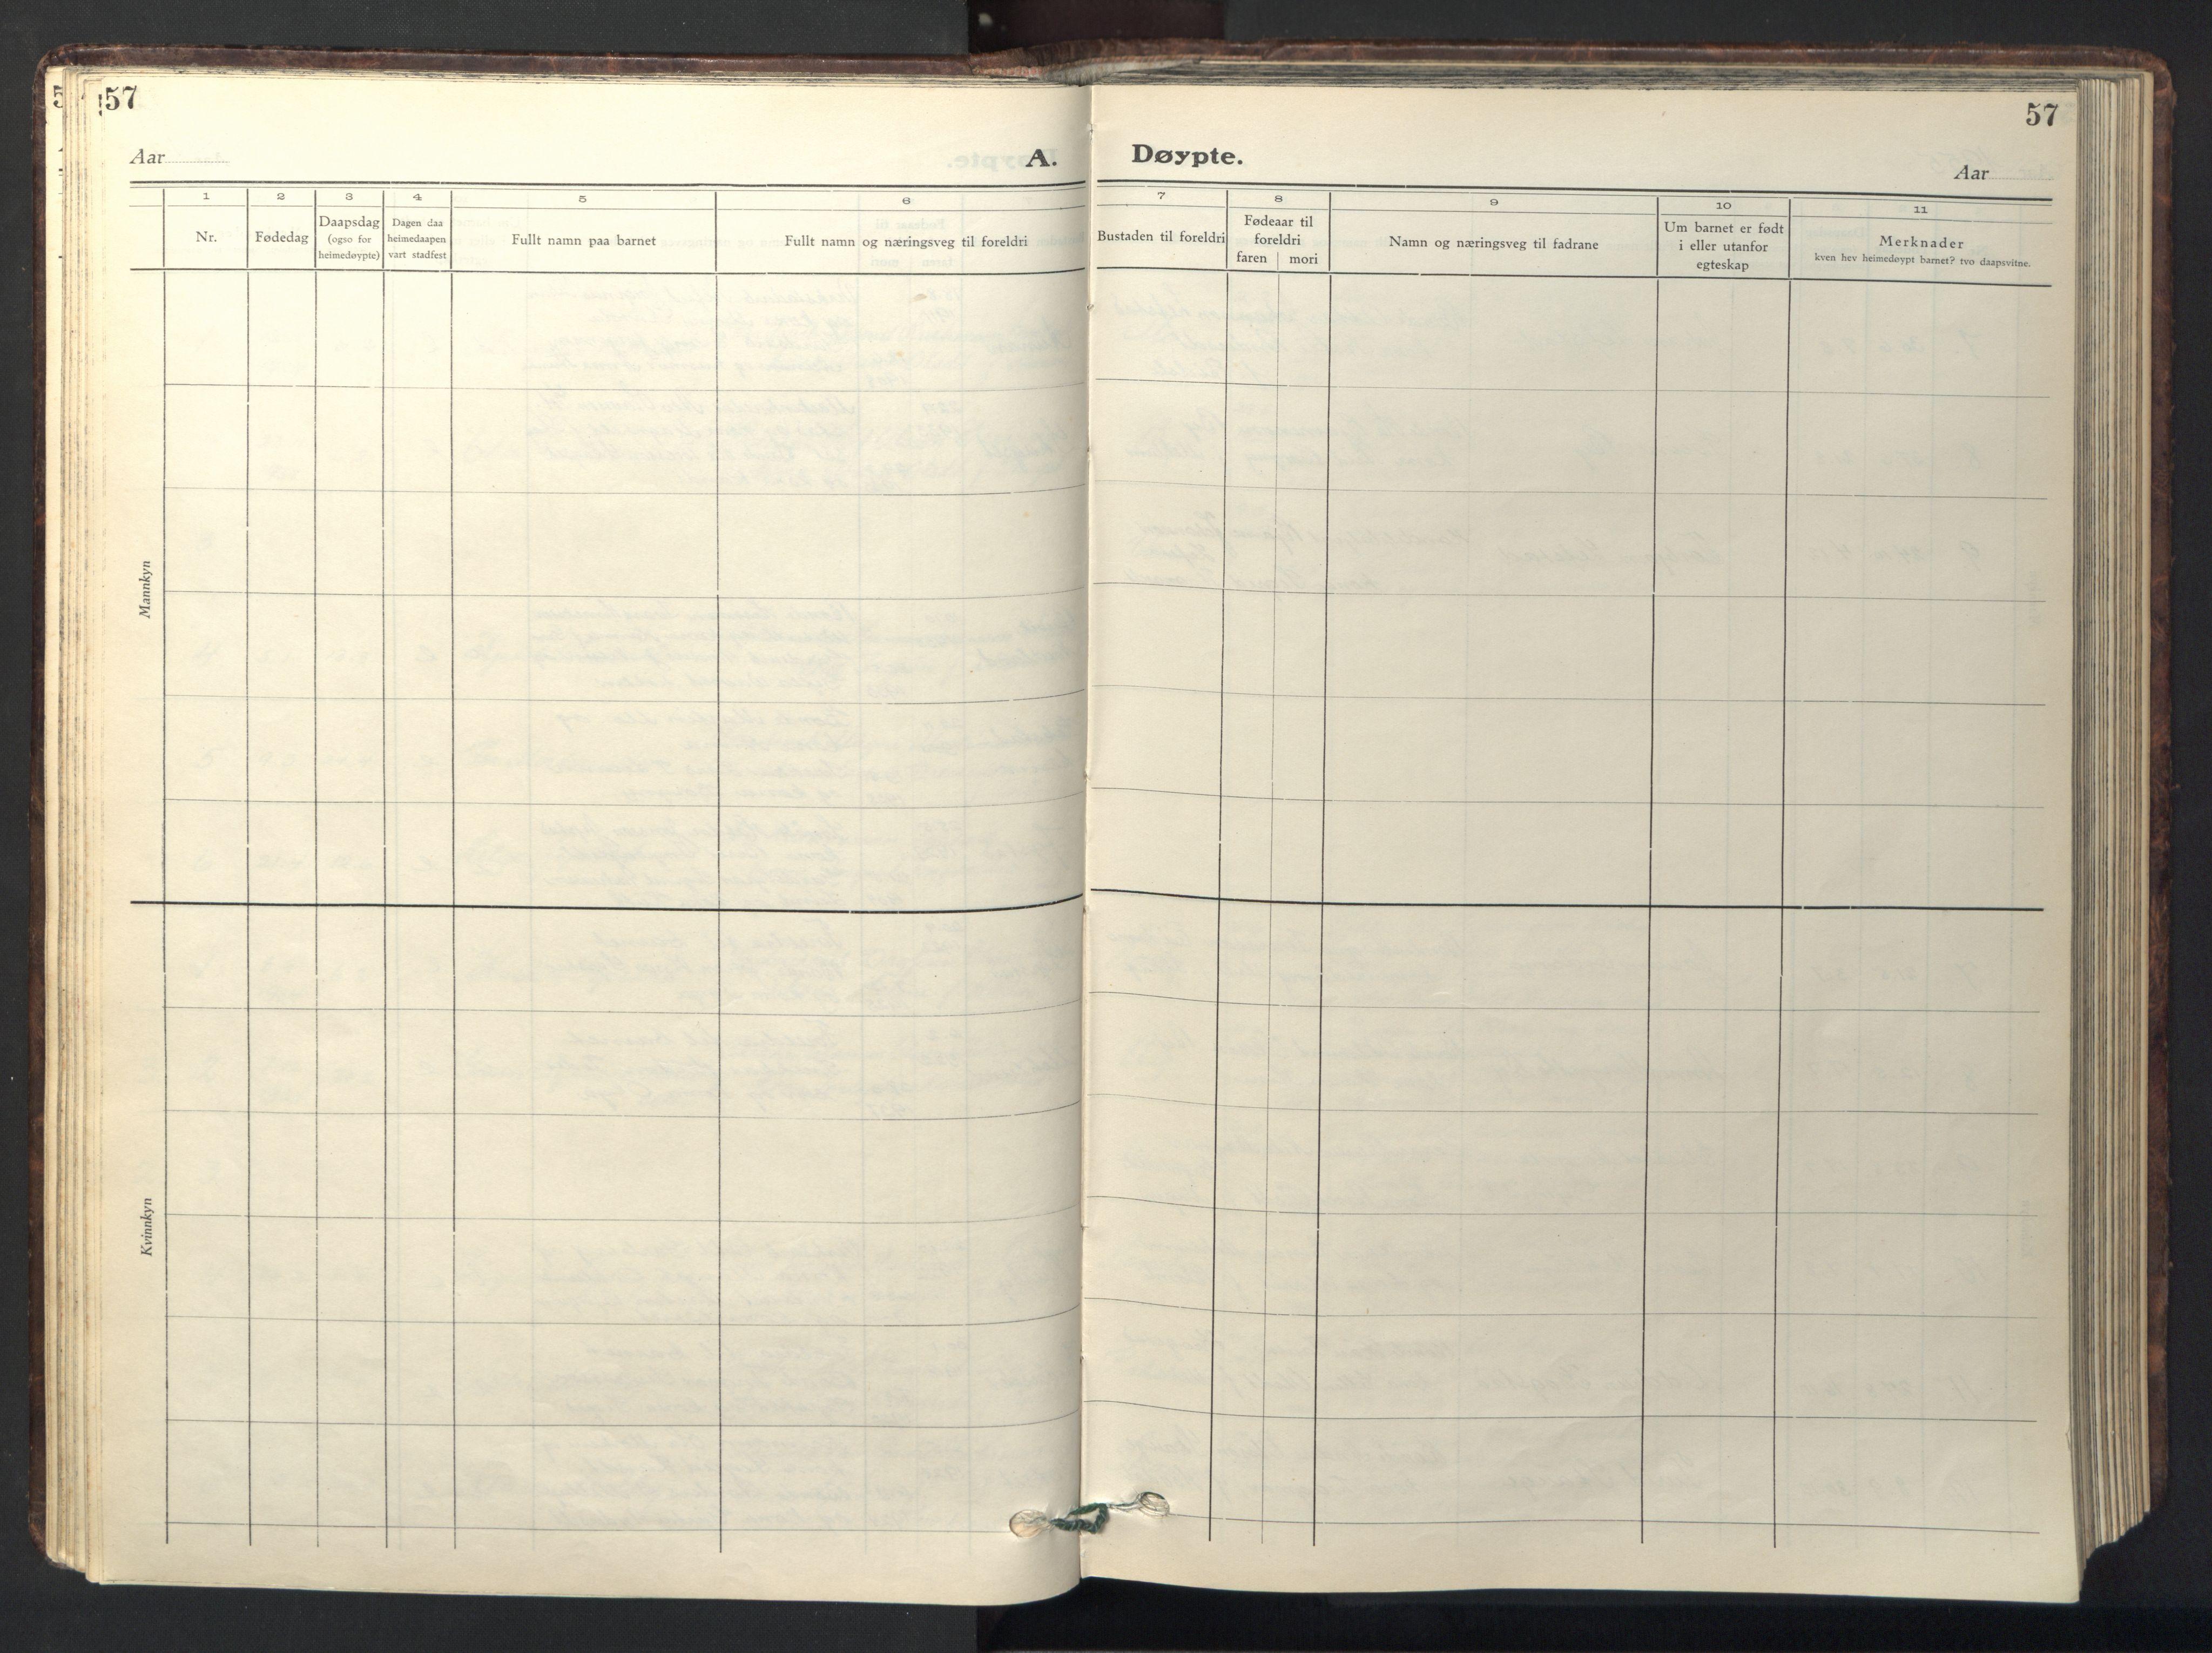 SAT, Ministerialprotokoller, klokkerbøker og fødselsregistre - Sør-Trøndelag, 667/L0799: Klokkerbok nr. 667C04, 1929-1950, s. 57